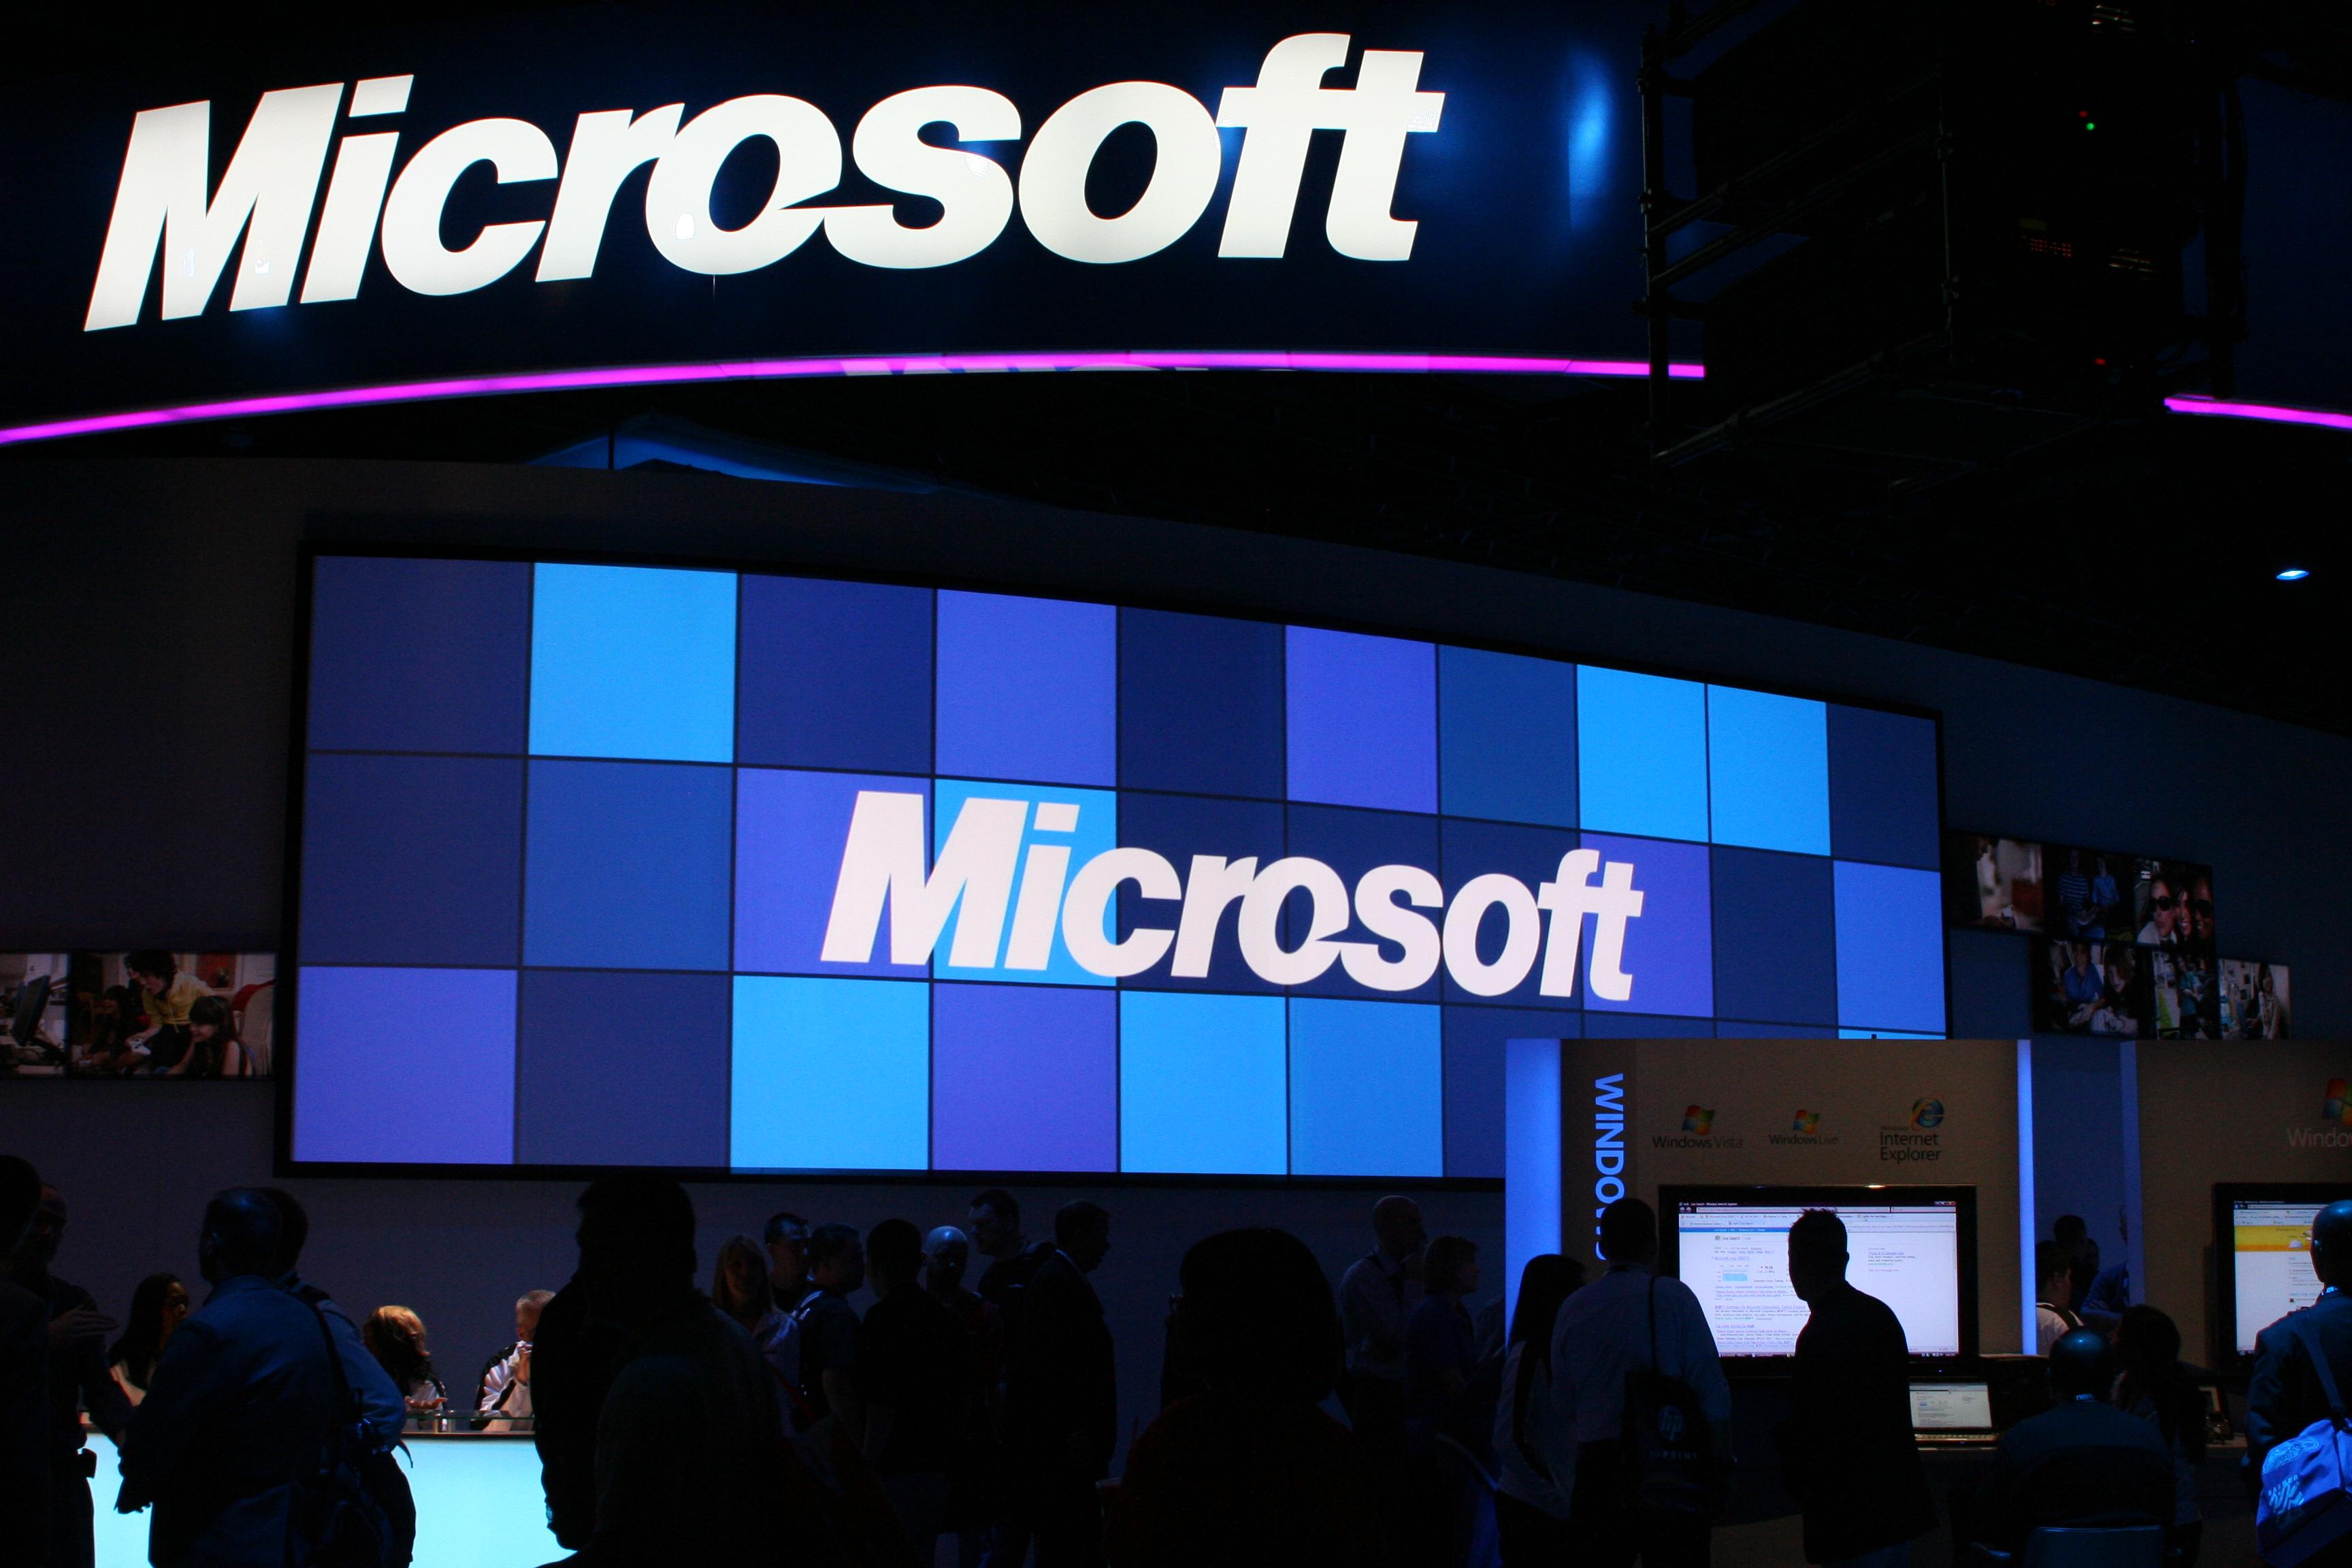 Mélyebbre juthattak az orosz hackerek a Microsoft rendszerében, mint gondolták